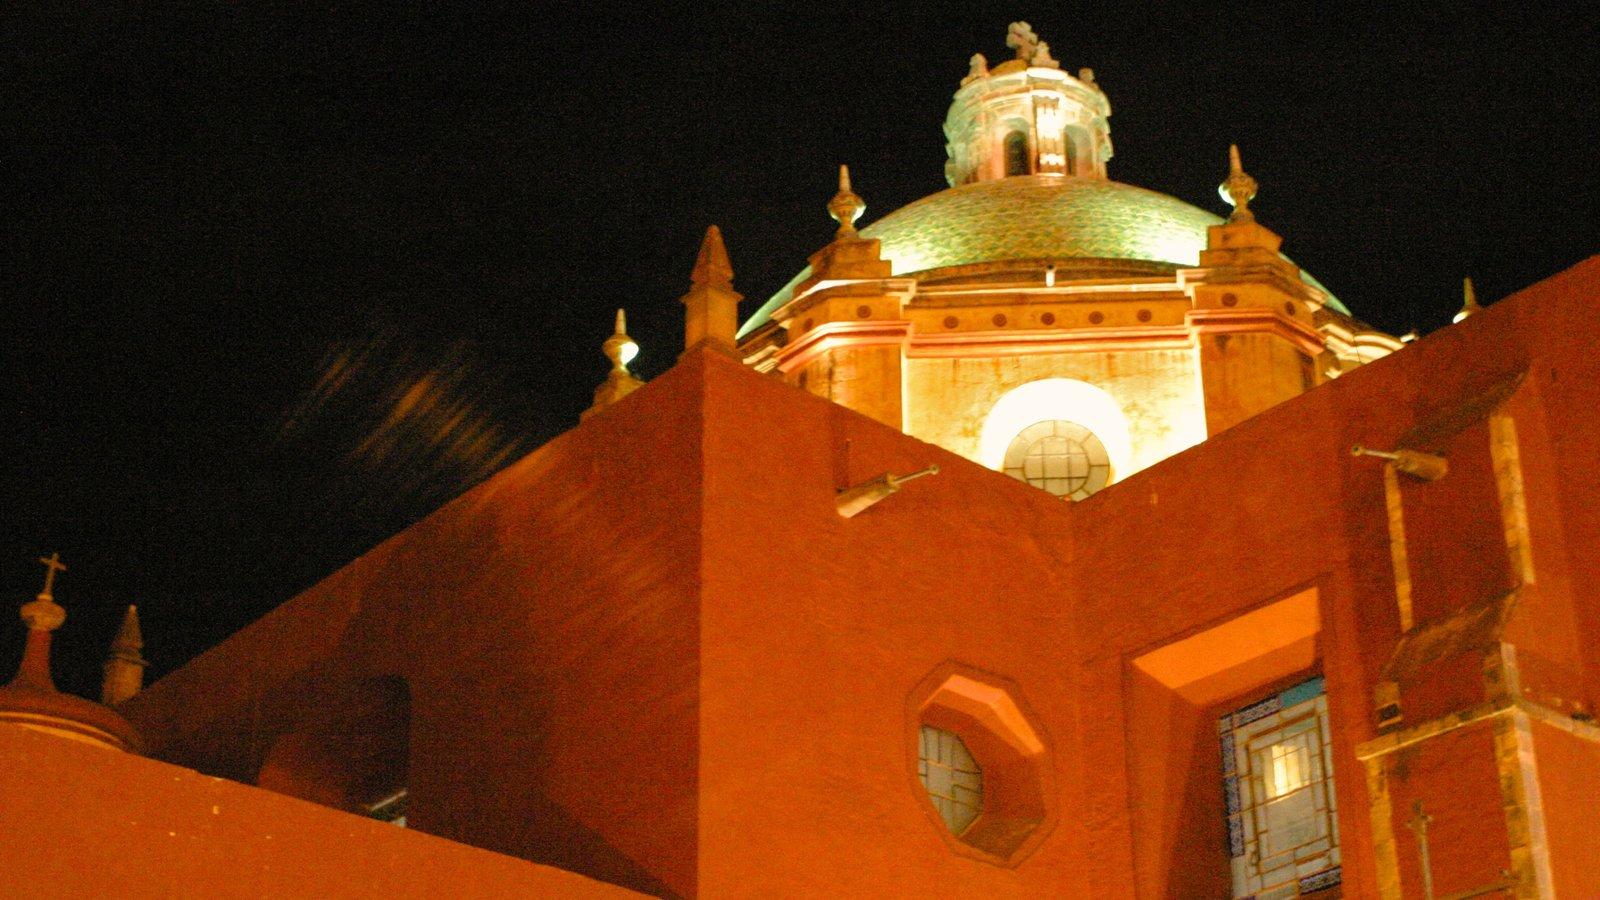 Querétaro mostrando escenas nocturnas, patrimonio de arquitectura y una iglesia o catedral